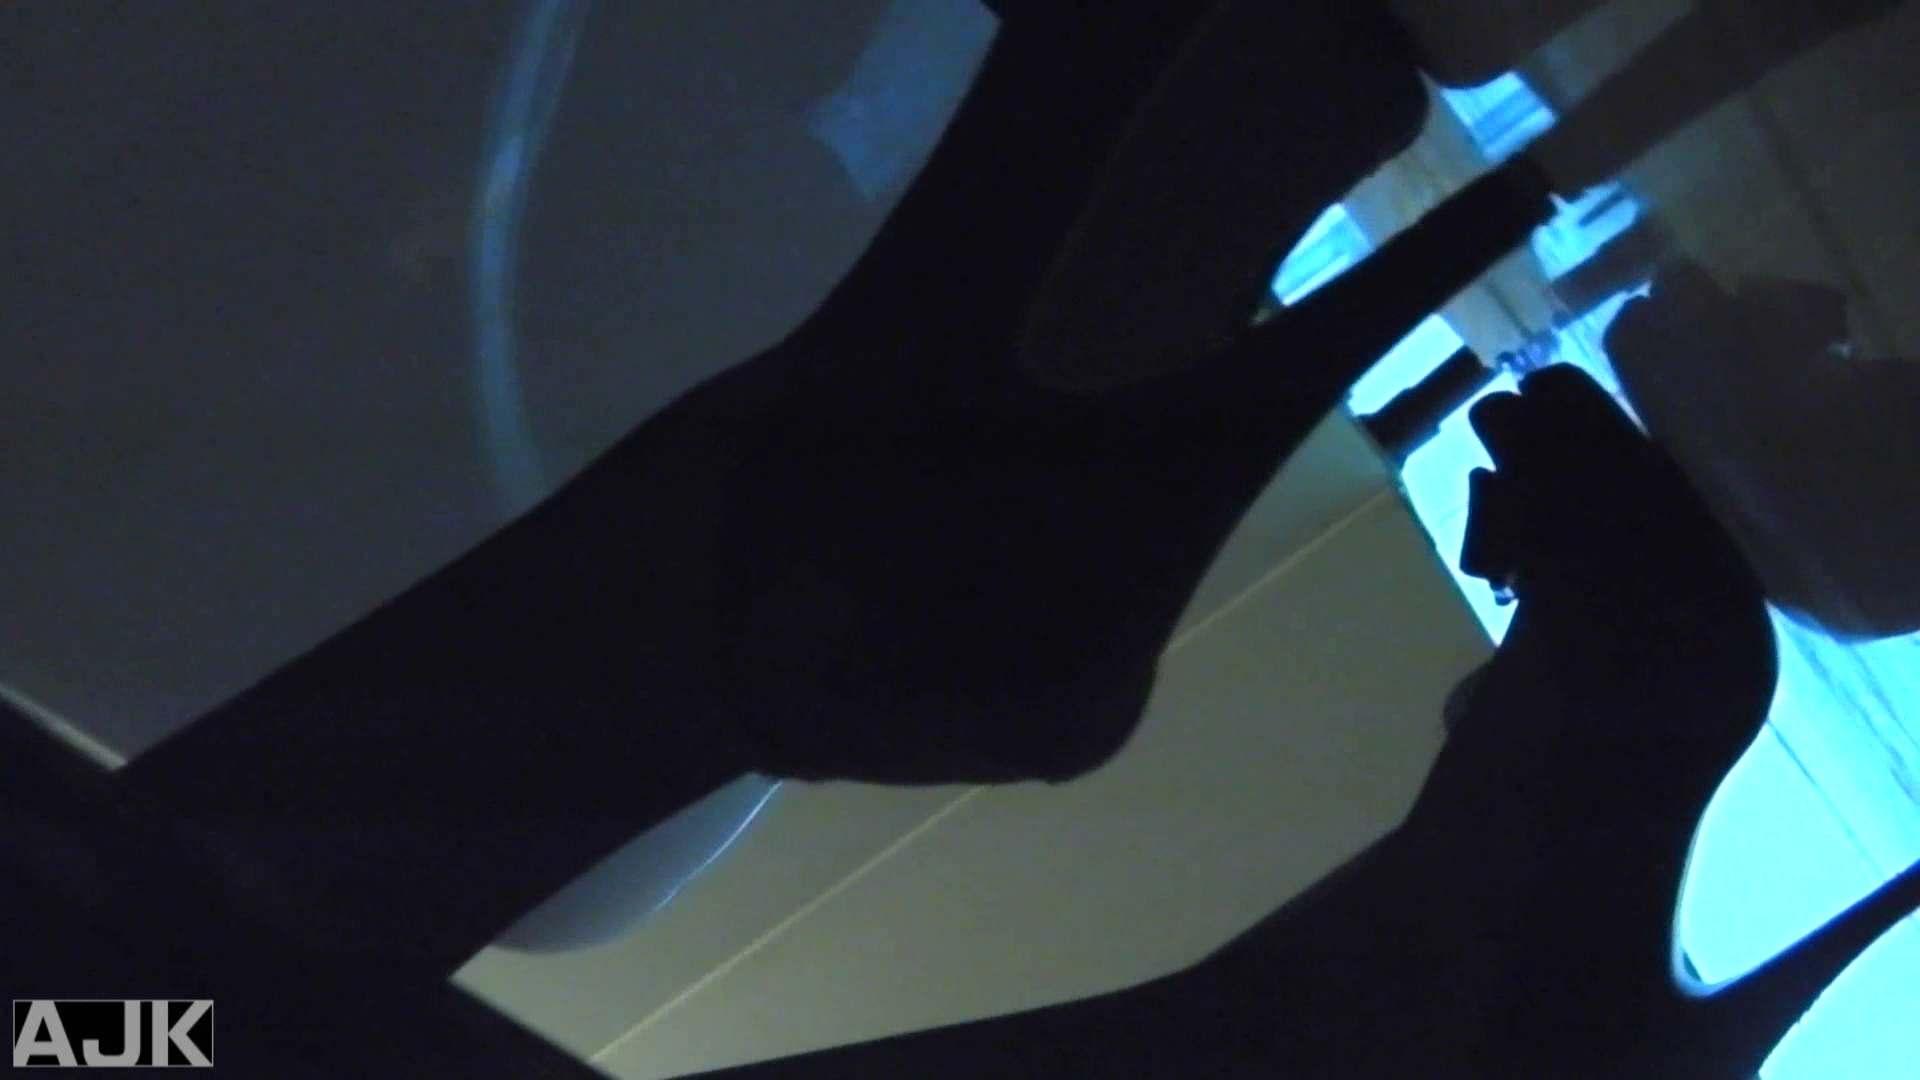 神降臨!史上最強の潜入かわや! vol.23 盗撮 隠し撮りオマンコ動画紹介 78PICs 66